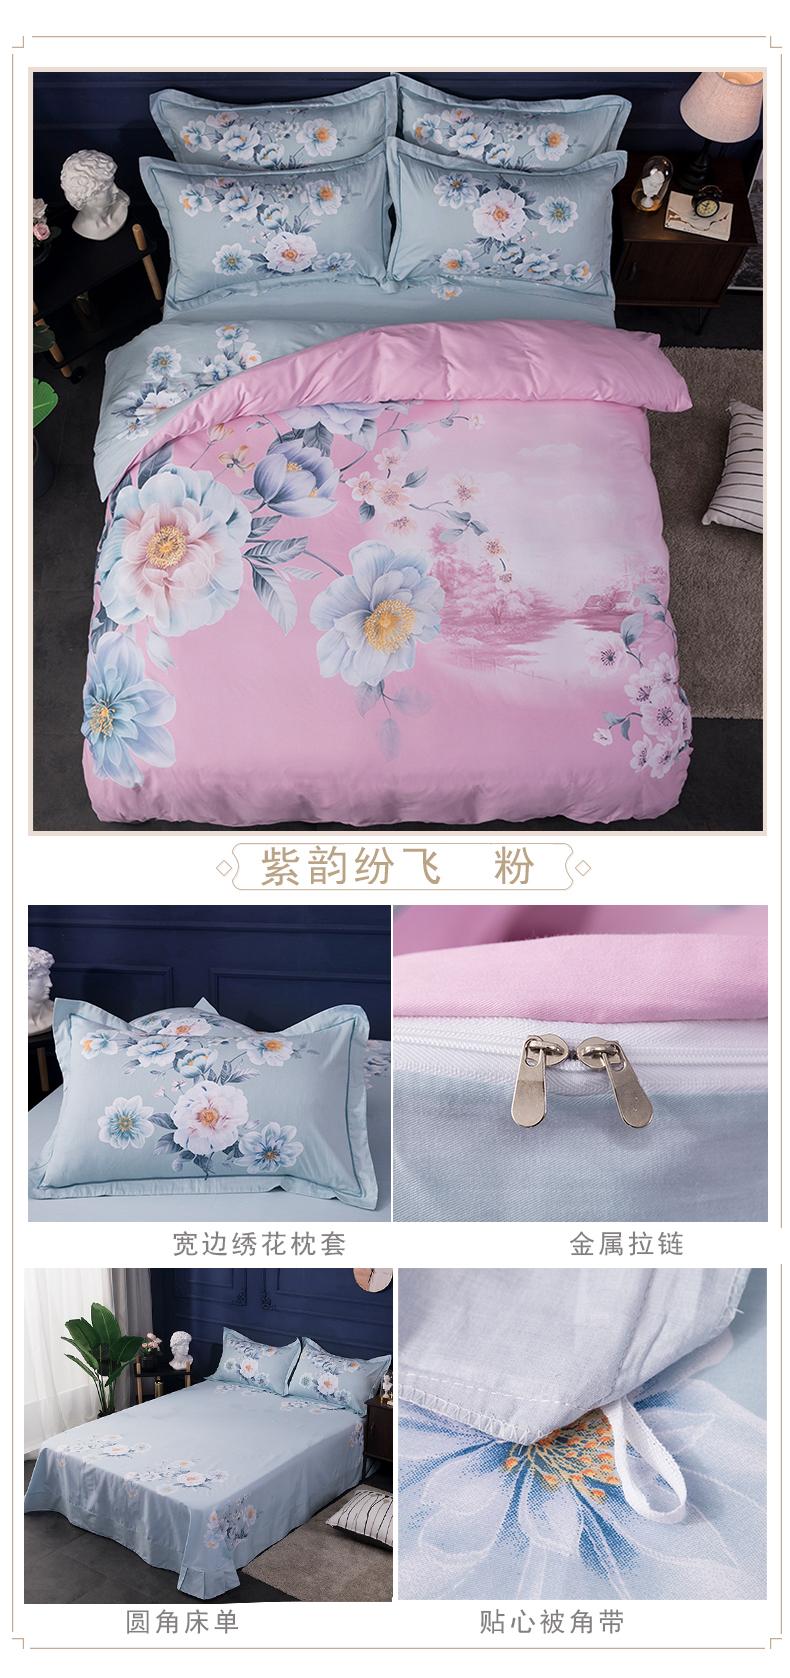 紫韵纷飞【粉】 790.jpg